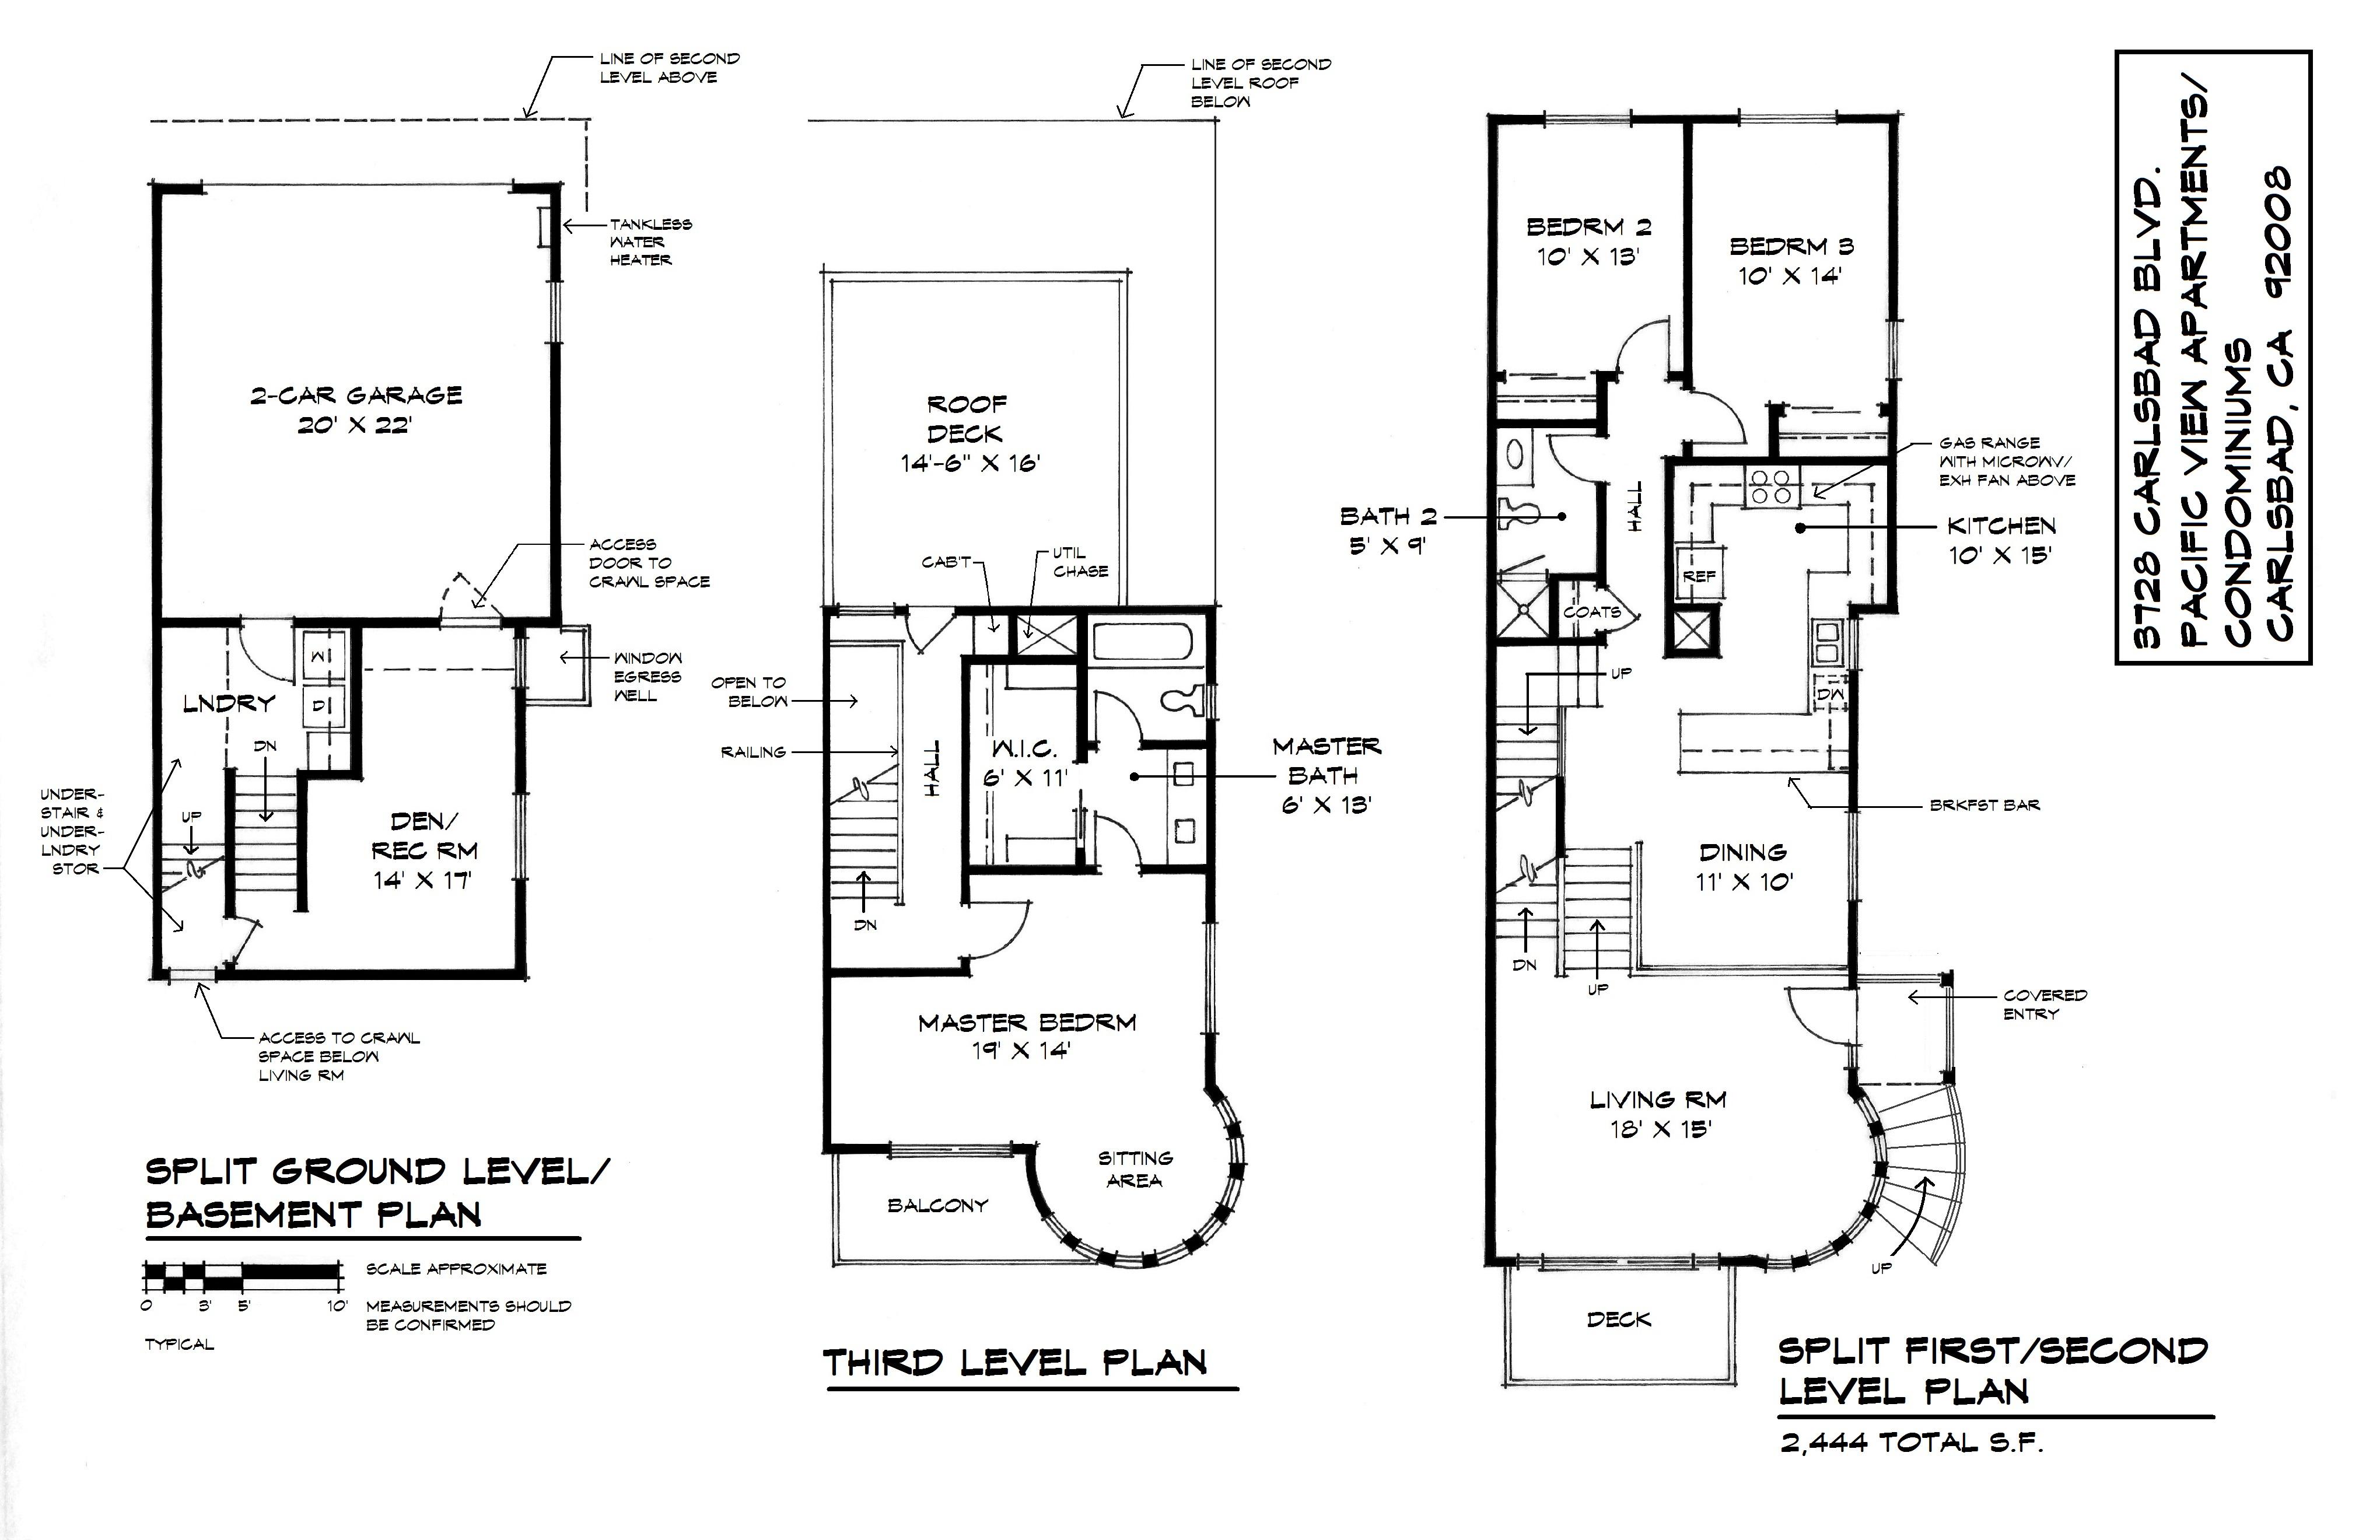 3728 Carlsbad Blvd Flr Plan